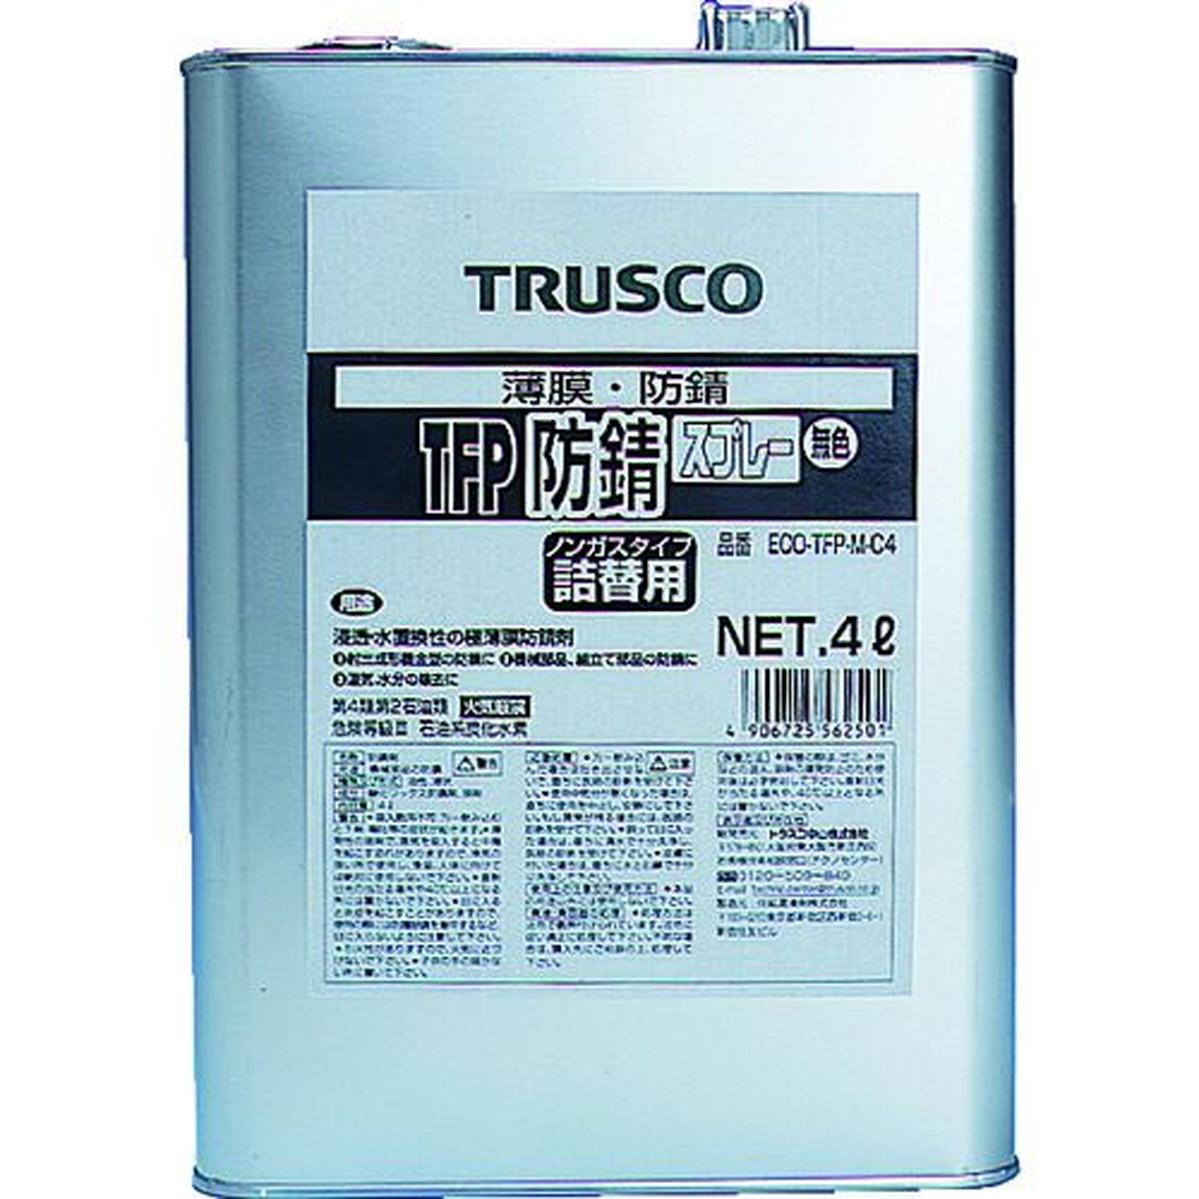 注目ブランド TRUSCO 4L TFP防錆剤 無色 無色 TRUSCO 4L 1缶, 靴屋のHANAHOU(ハナホウ):fa2a3643 --- kventurepartners.sakura.ne.jp